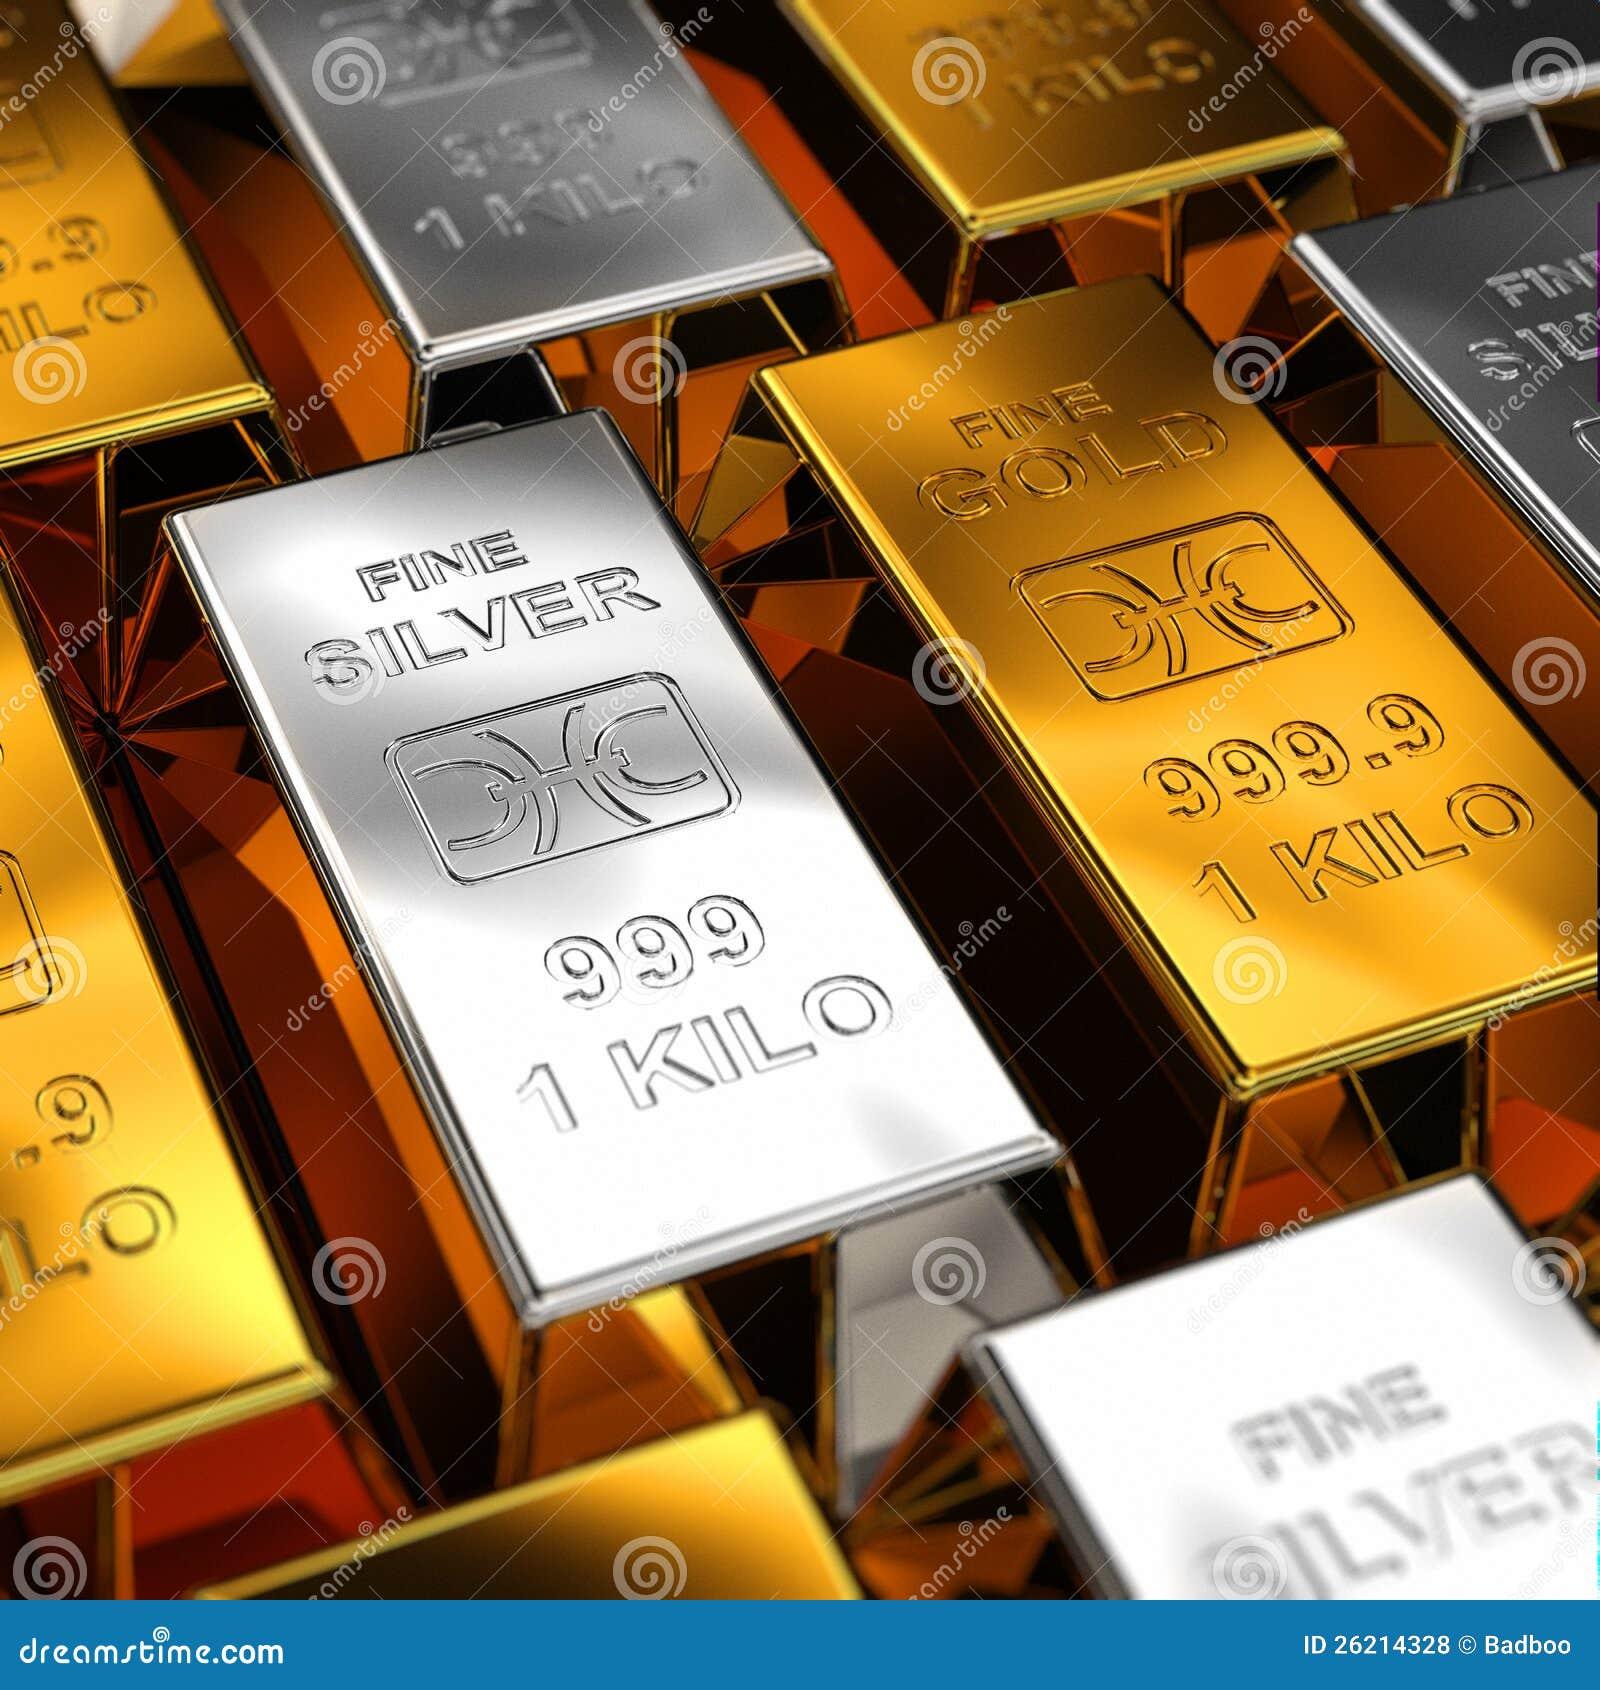 Real silver bars